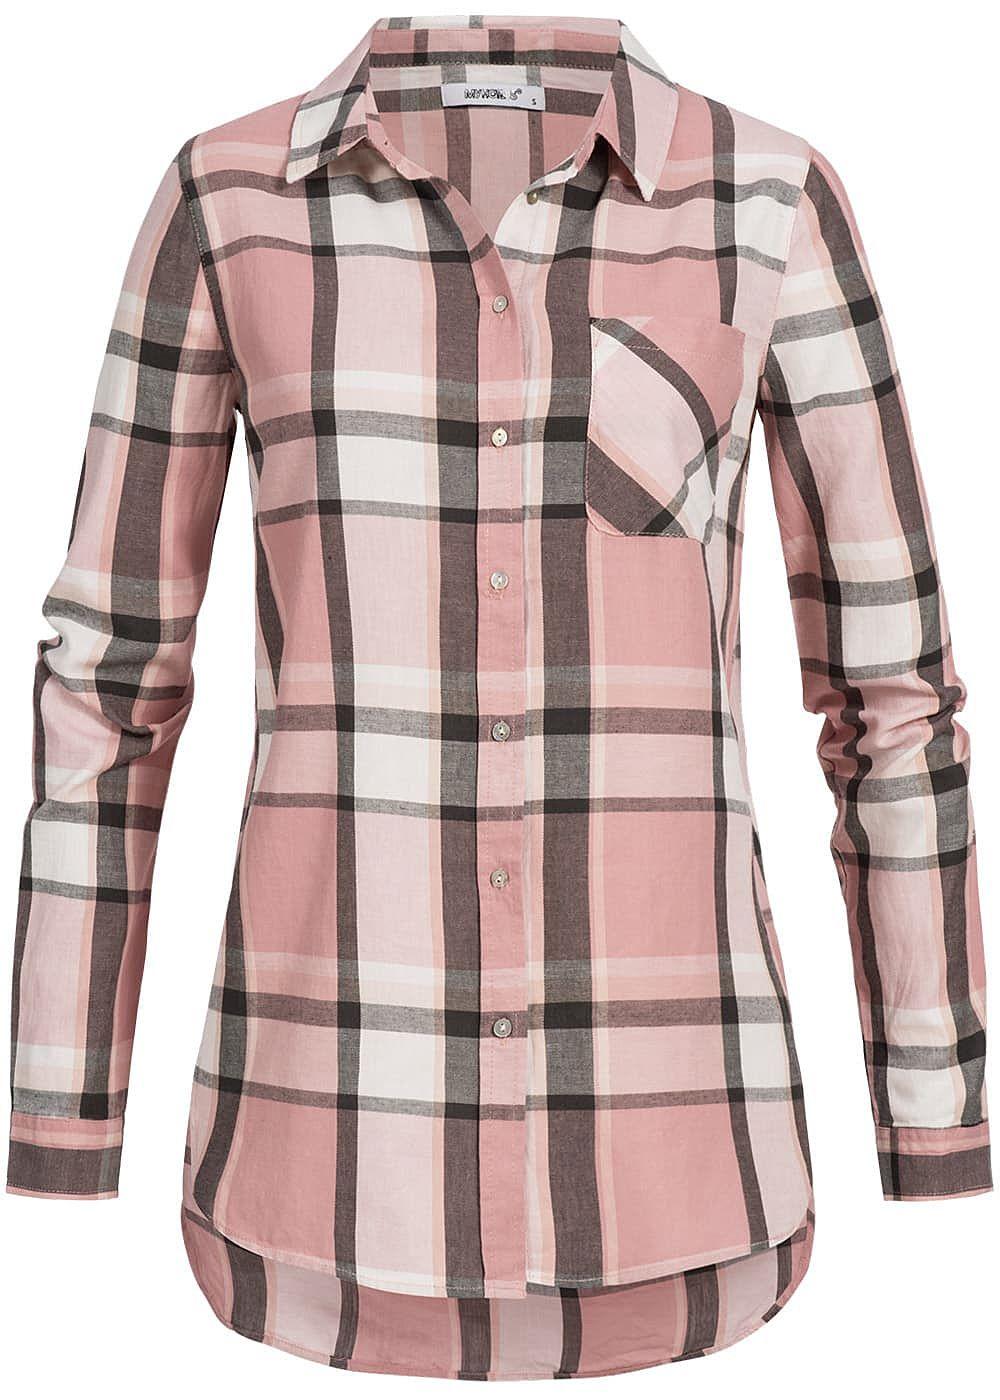 seventyseven lifestyle damen bluse brusttasche knopfleiste kariert rosa weiss grau 77onlineshop. Black Bedroom Furniture Sets. Home Design Ideas